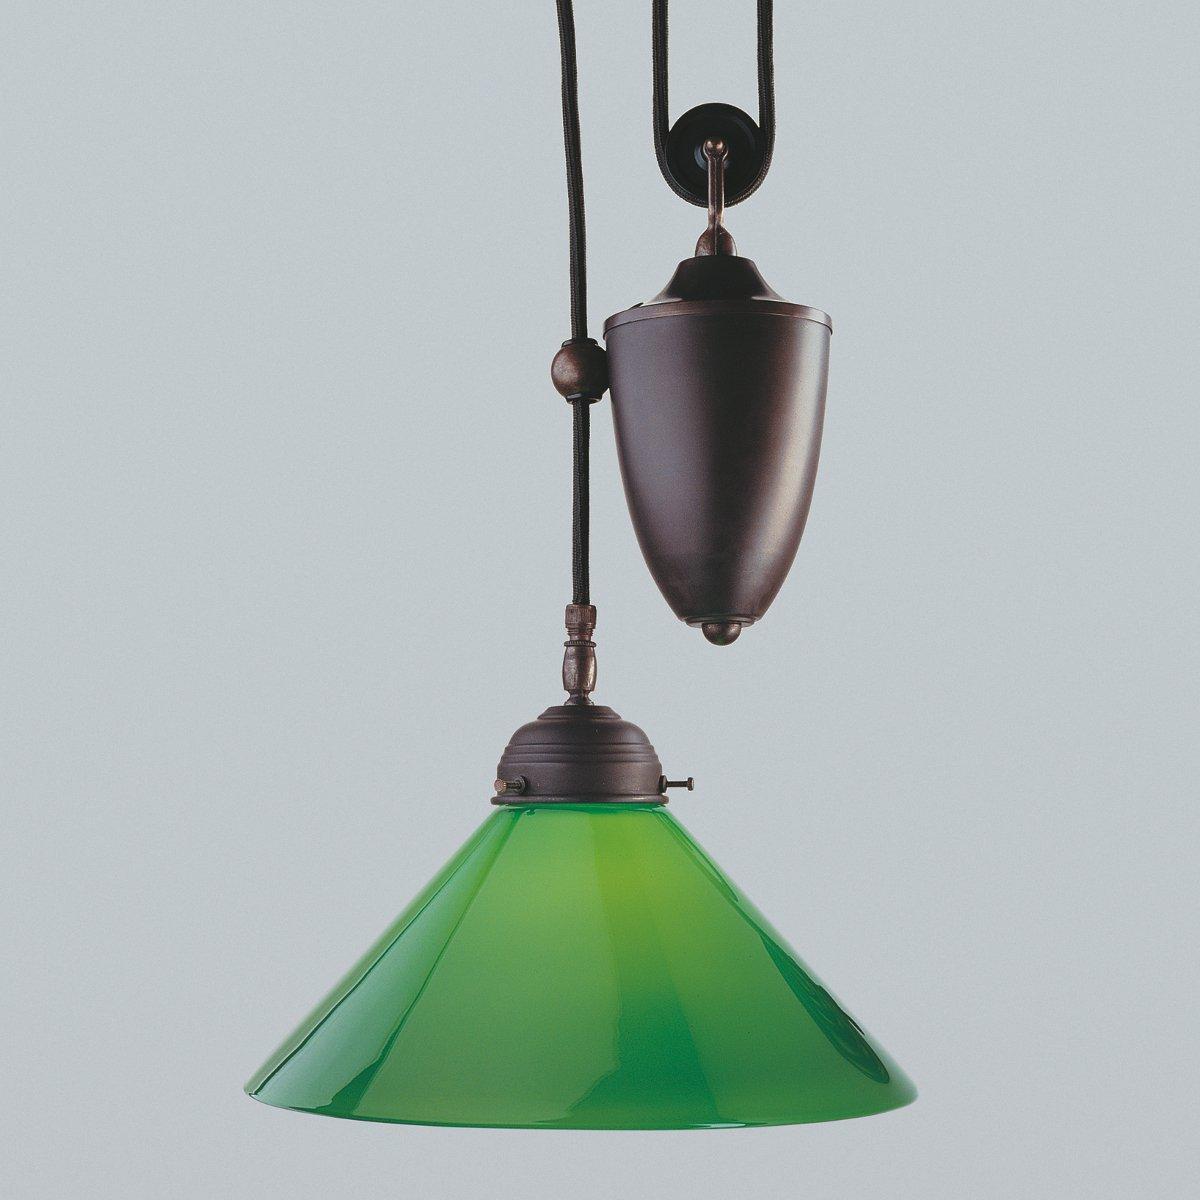 zuglampe k chenlampe esstischlampe von berliner messinglampen bei lampen suntinger shop kaufen. Black Bedroom Furniture Sets. Home Design Ideas